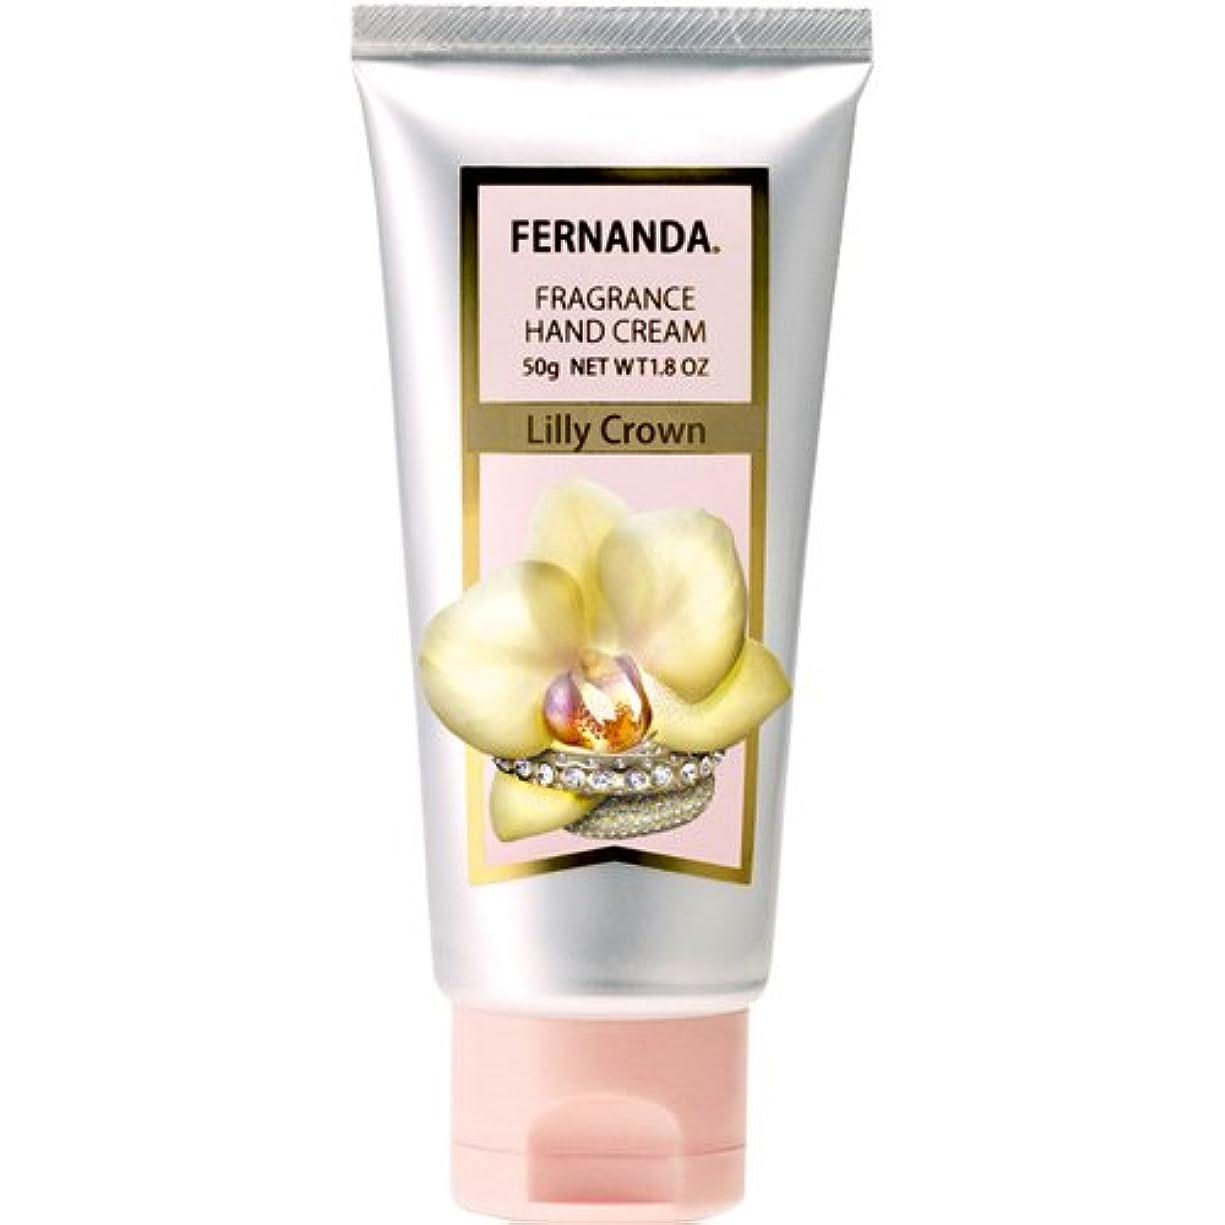 してはいけませんくそー縫い目FERNANDA(フェルナンダ) Hand Cream Lilly Crown (ハンドクリーム リリークラウン)